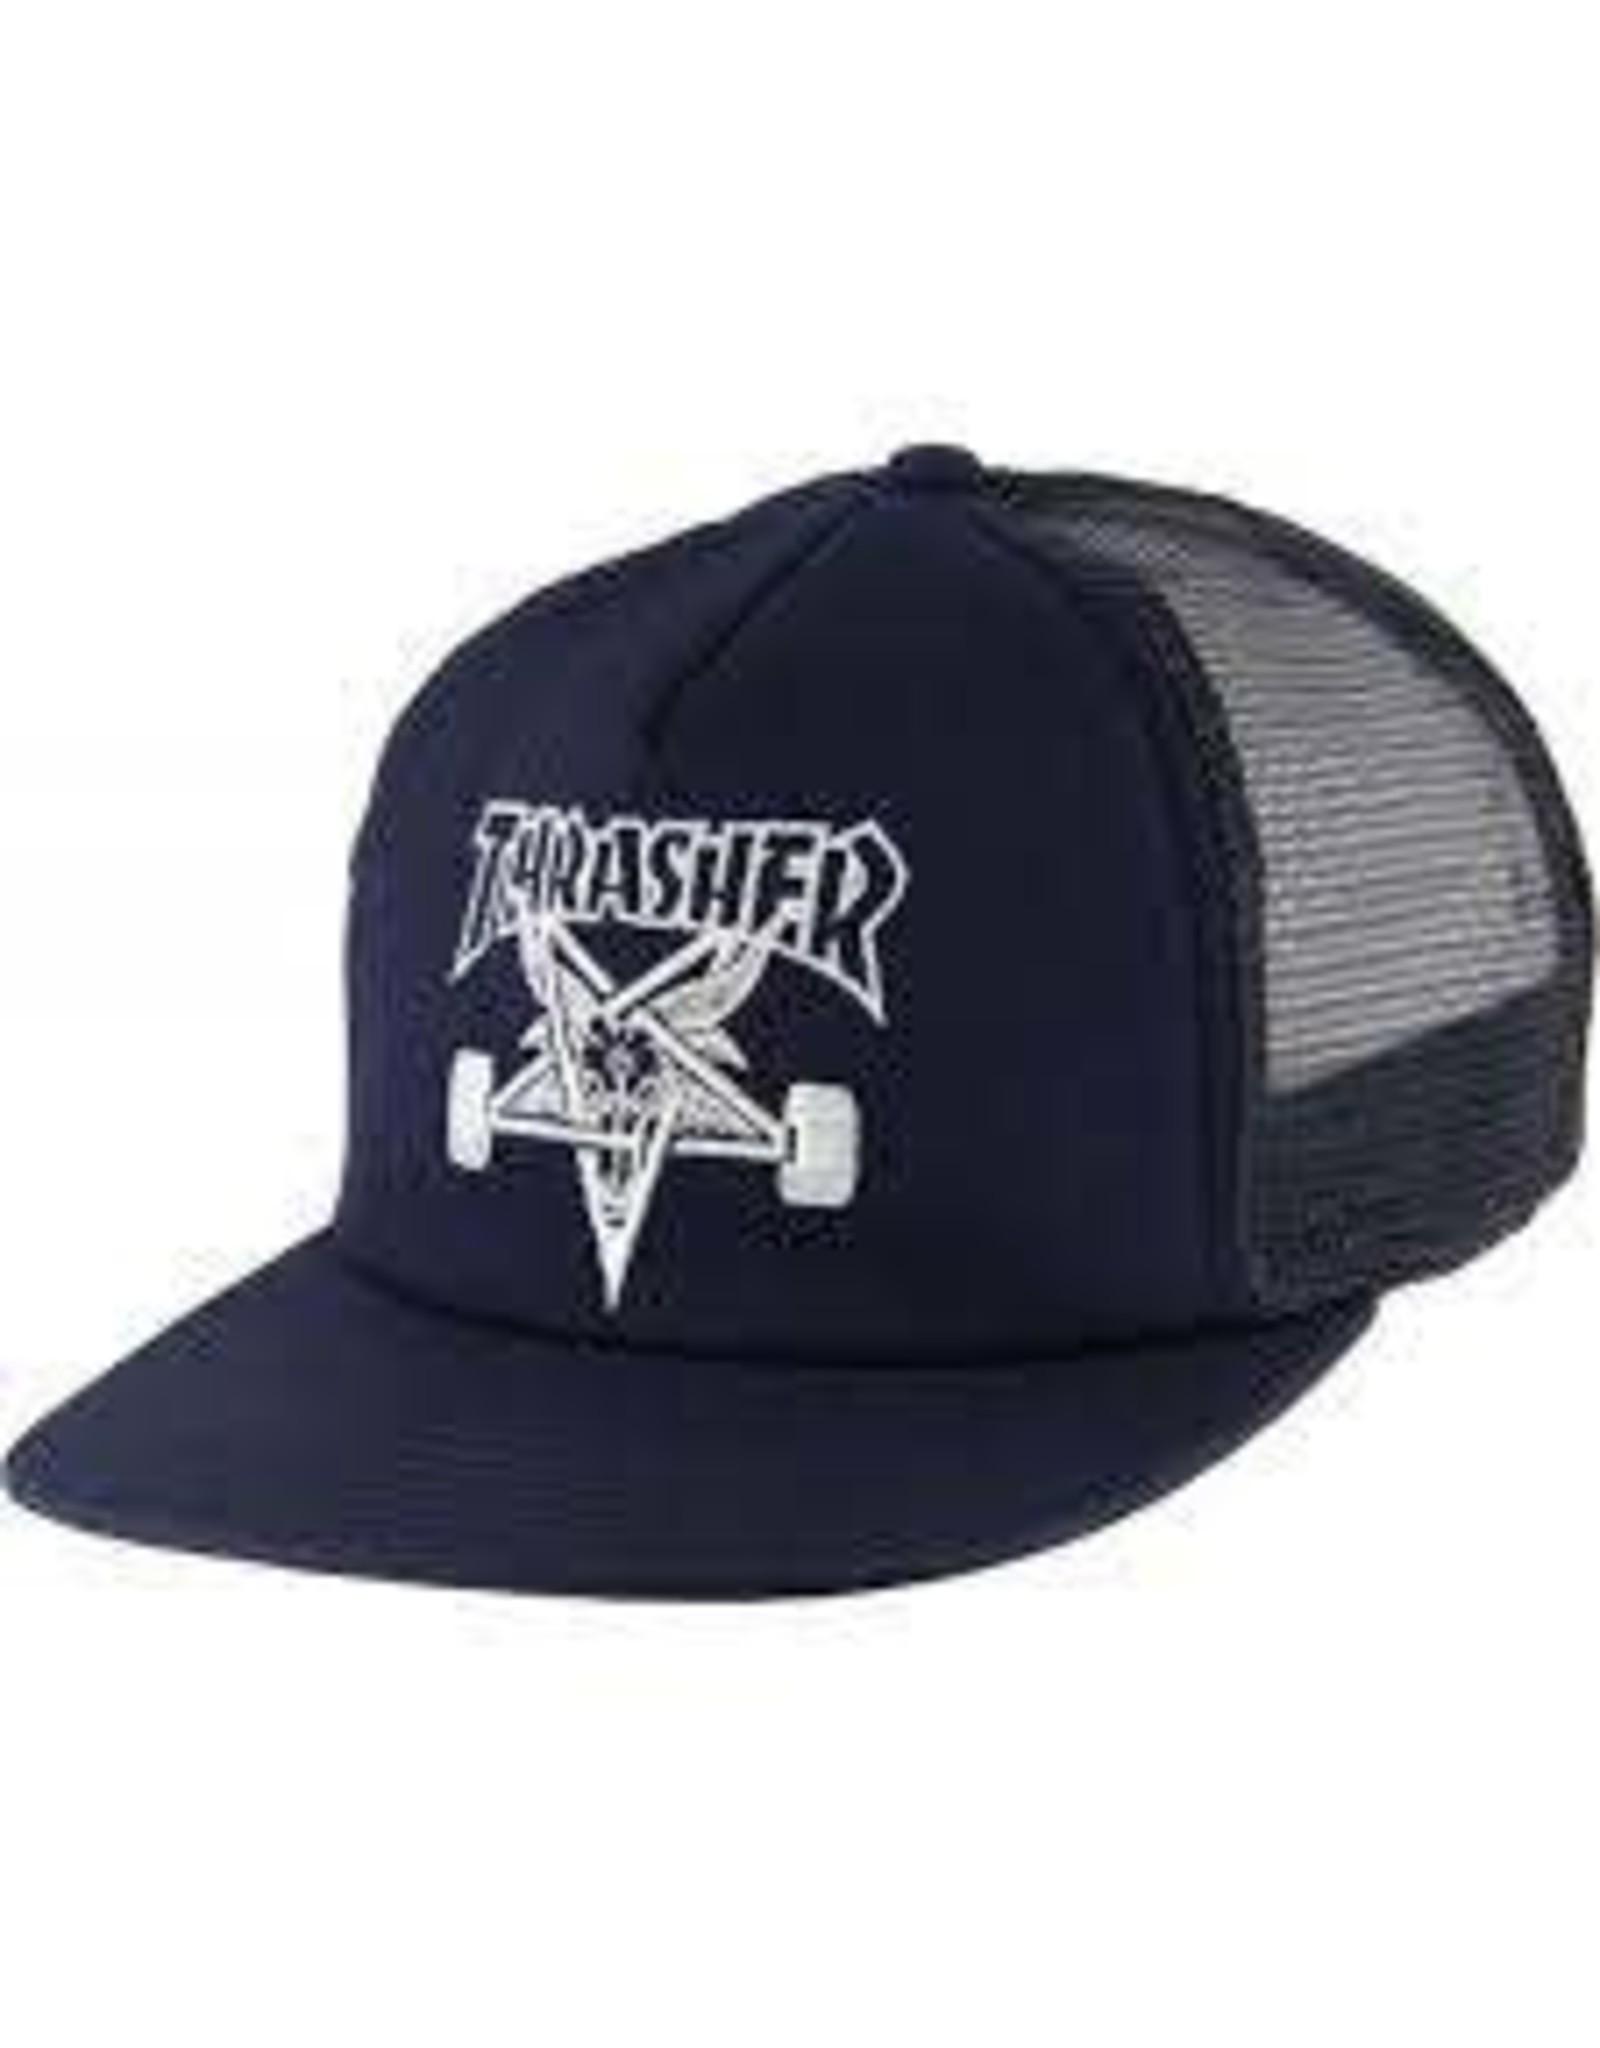 Thrasher Thrasher Skate Goat Cap Navy